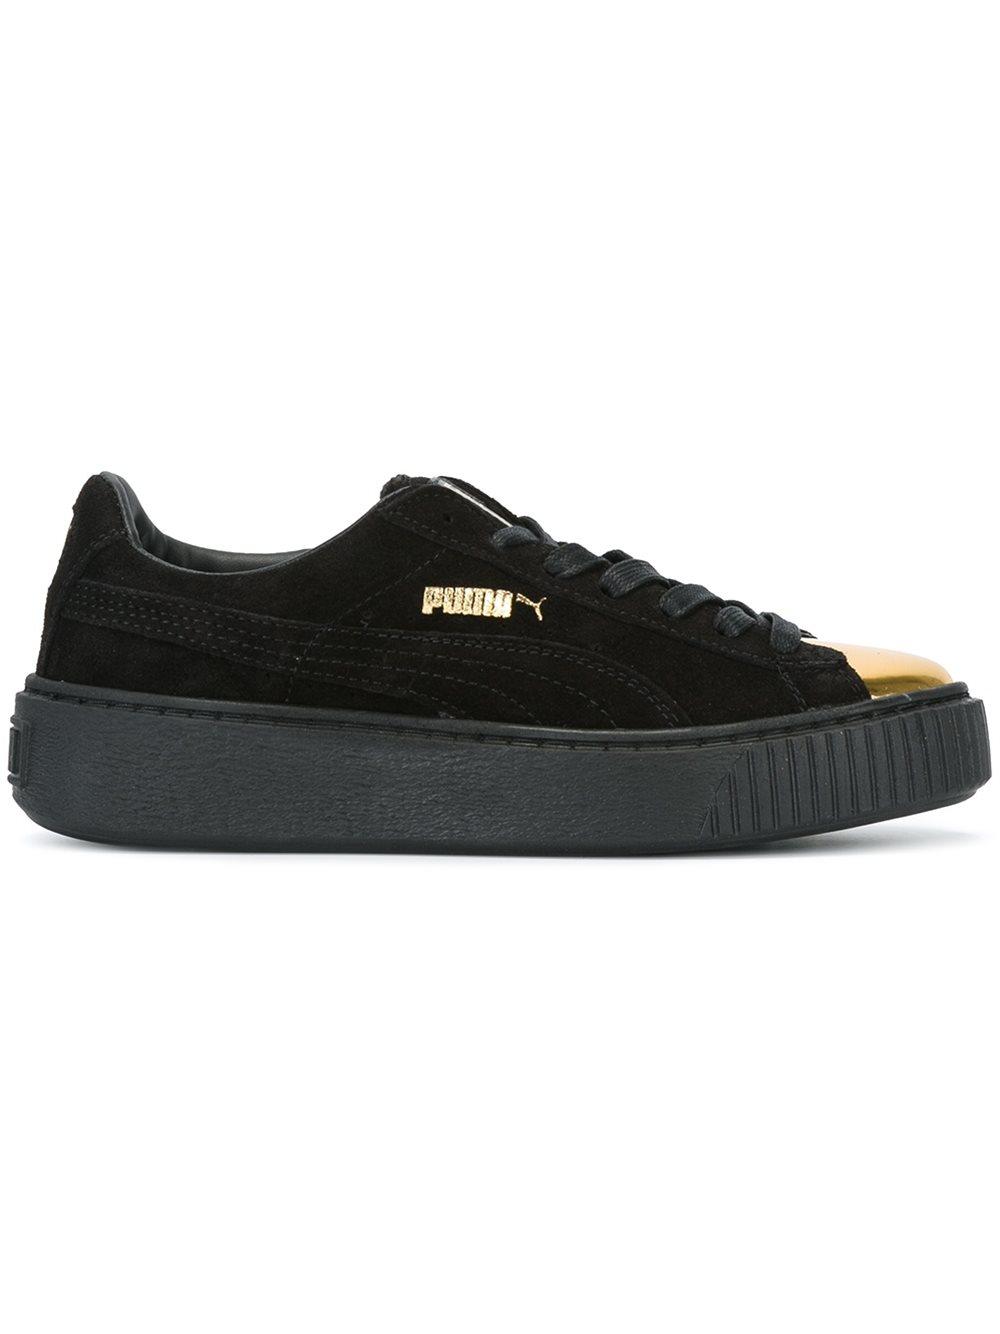 Puma Suede Platform Sneakers In Black Lyst